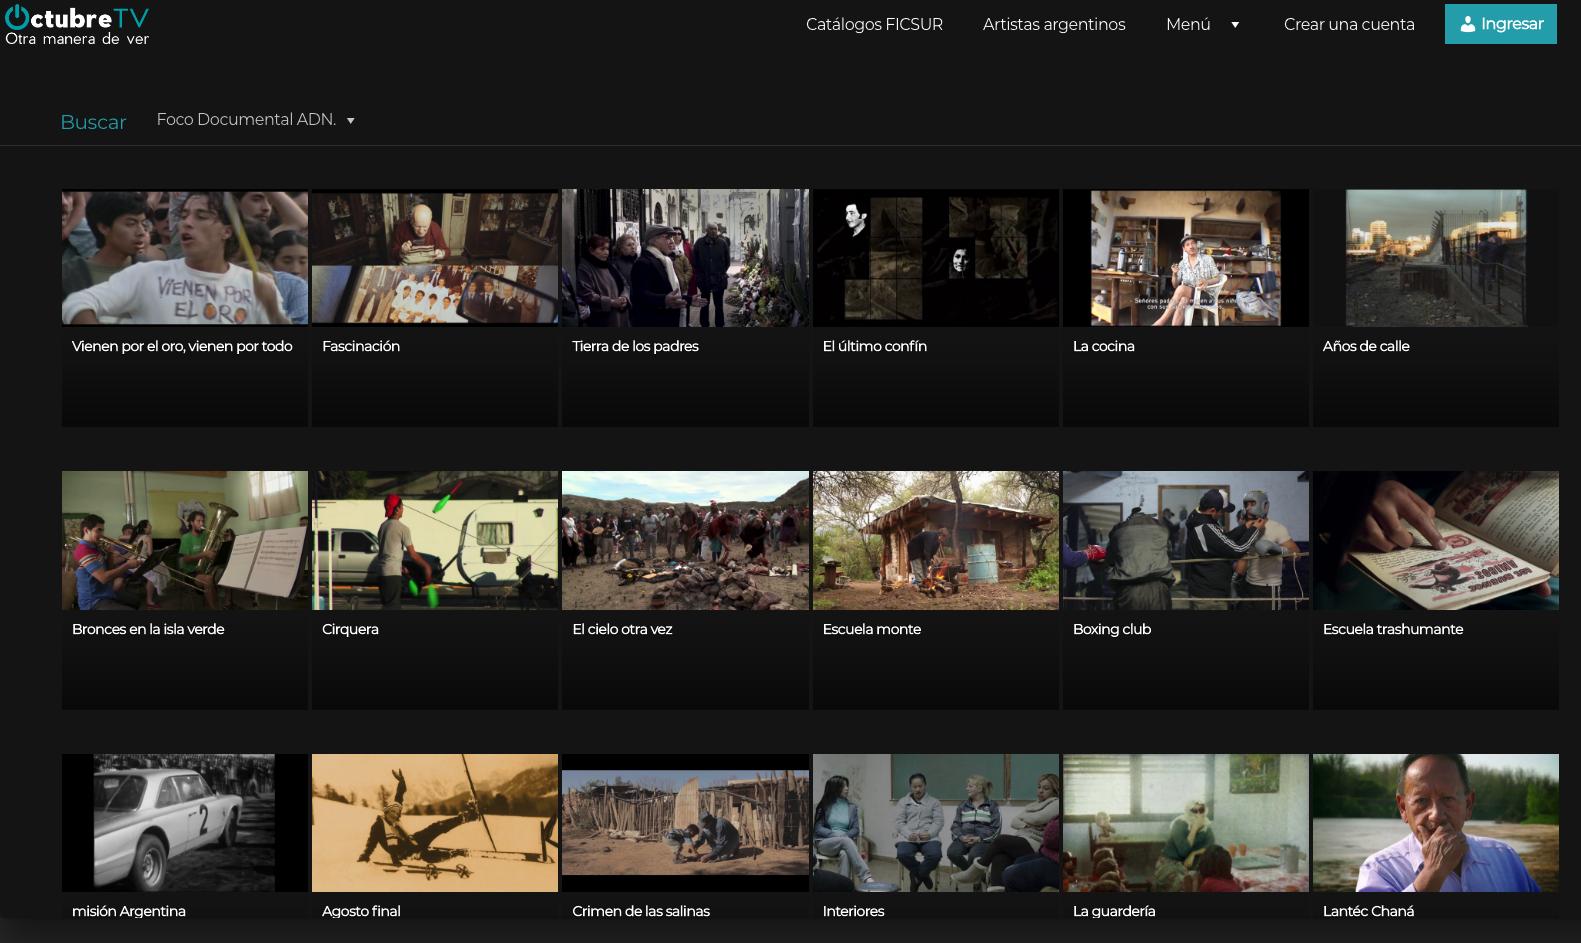 Ciclo Foco Documental Adn en OctubreTV 2020